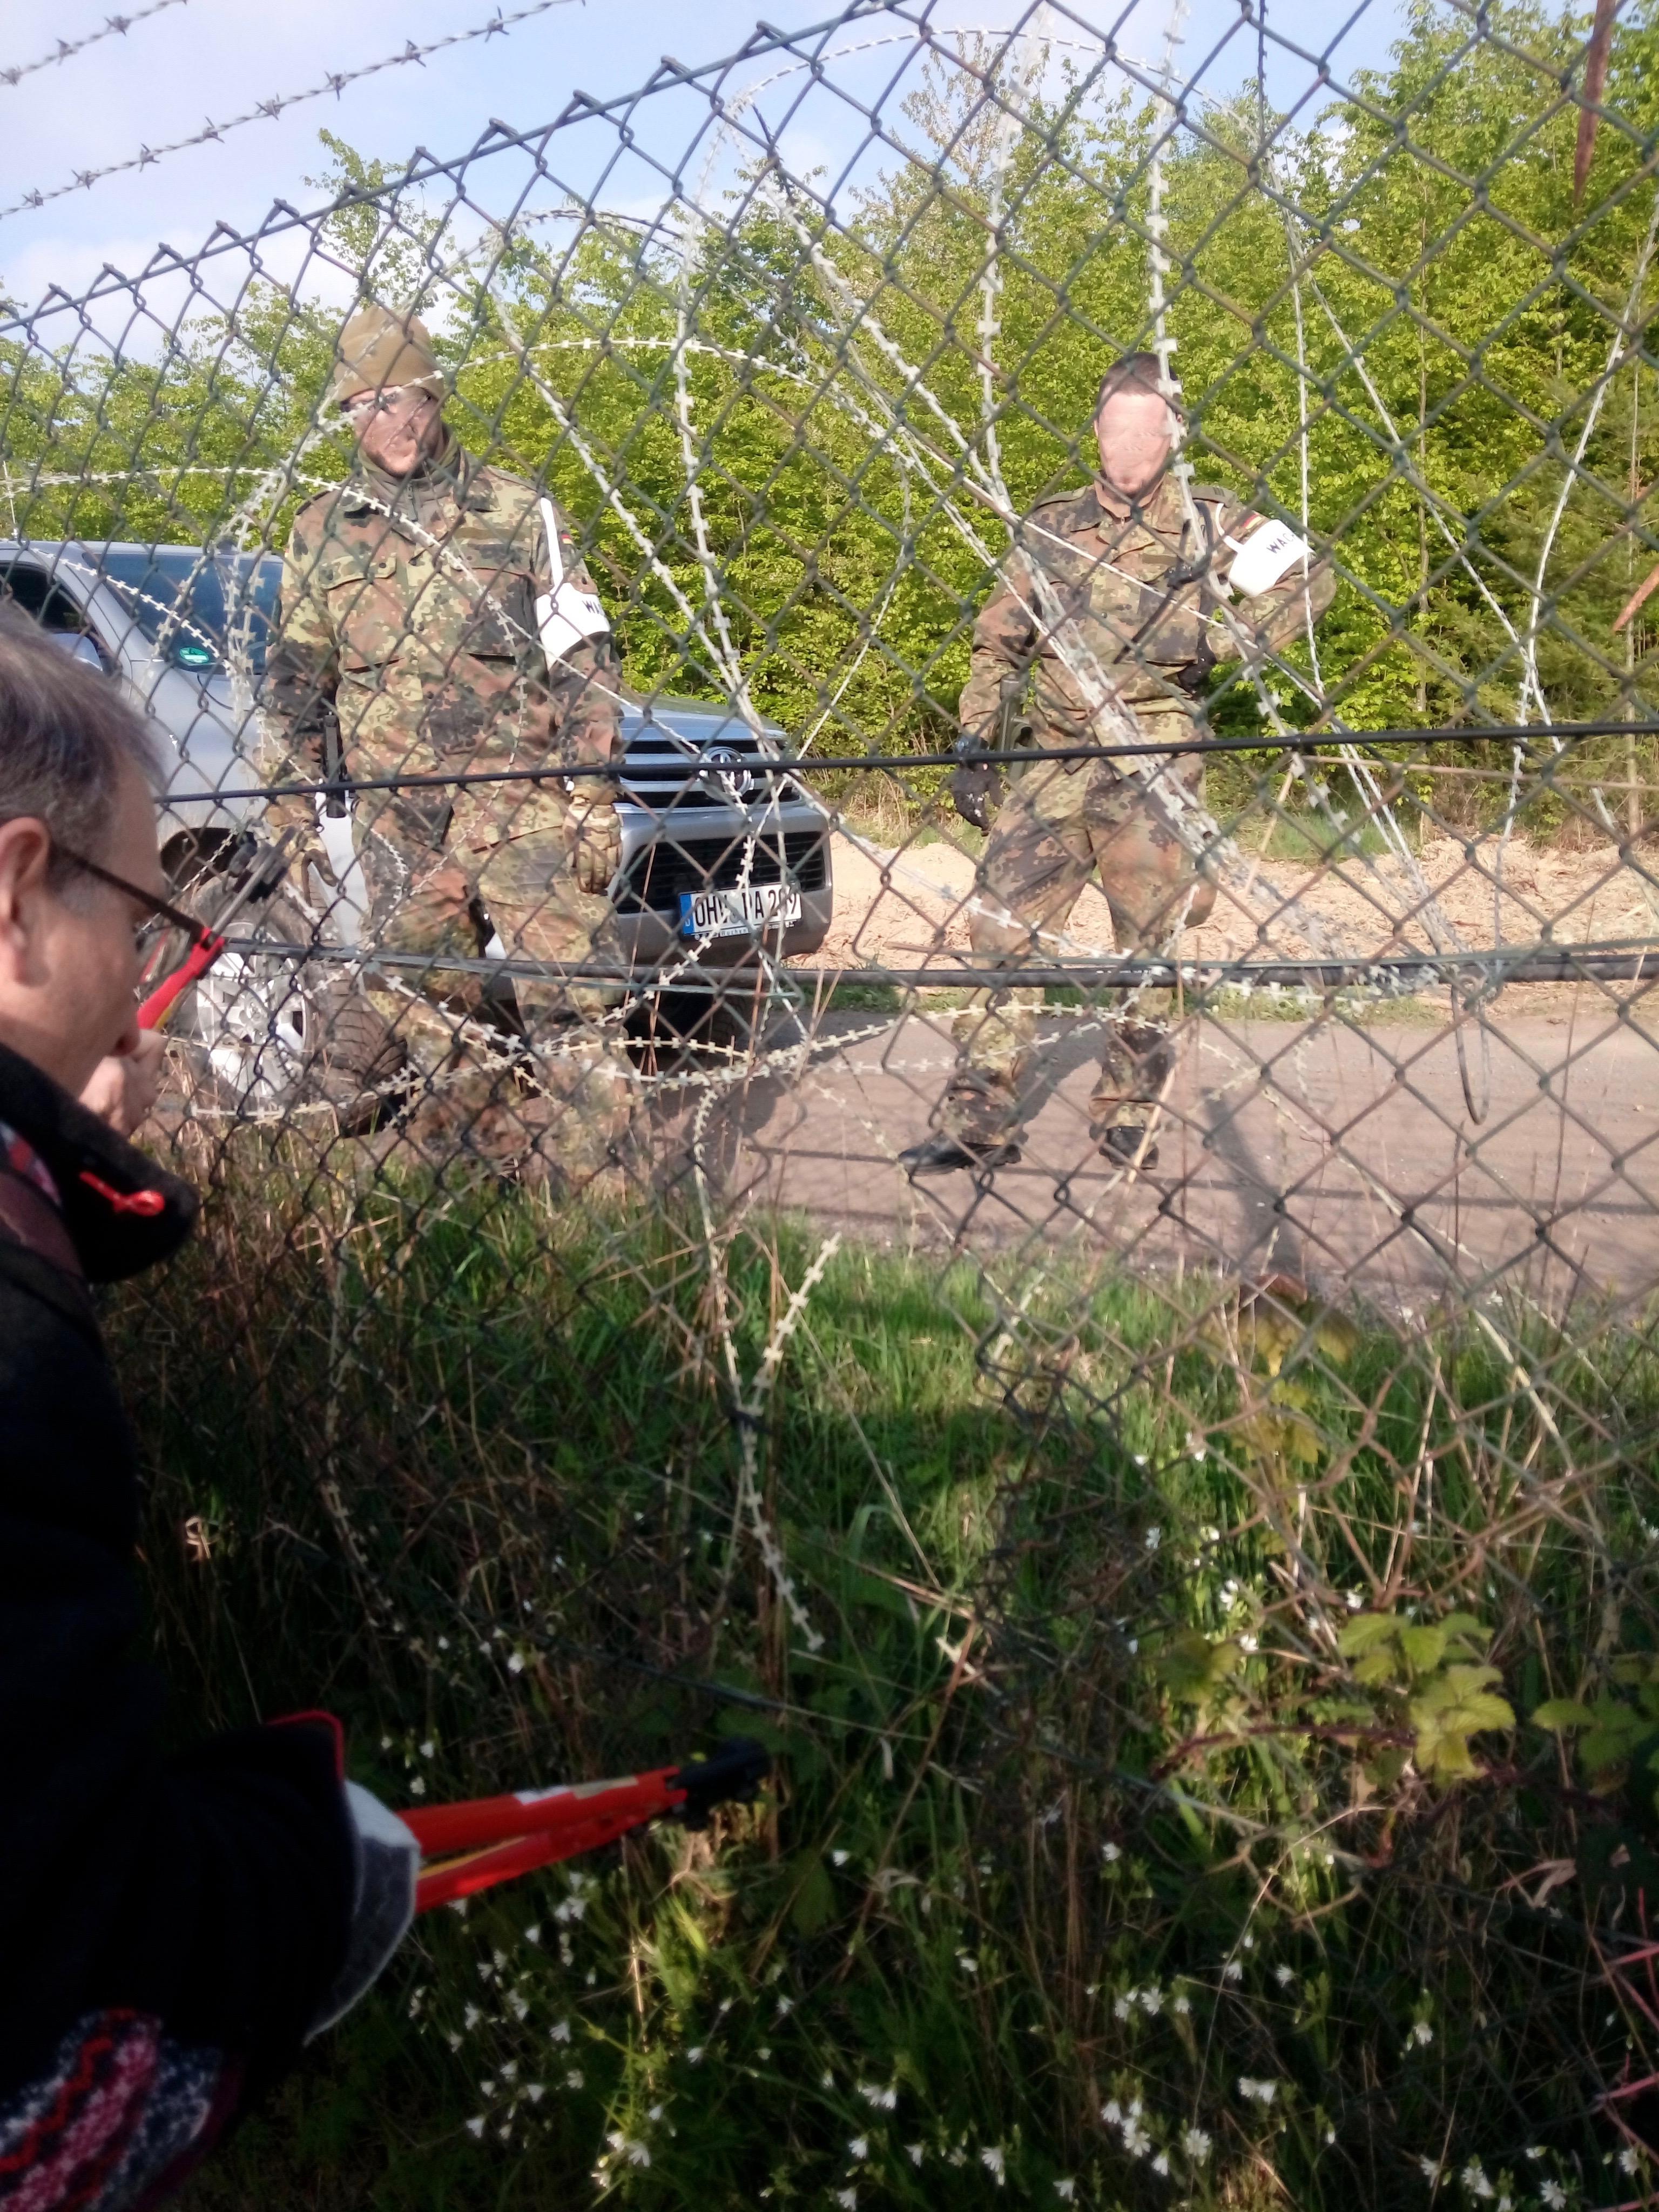 Im Vordergrund knipst ein Mann mit Brille mit einem Bolzenschneider einen Drahtzahn durch, hinter dem eine Rolle NATO-Stacheldraht liegt. Dahinter zwei uniformierte Militärpolizisten neben ihrem PKW. Sie schauen zu.